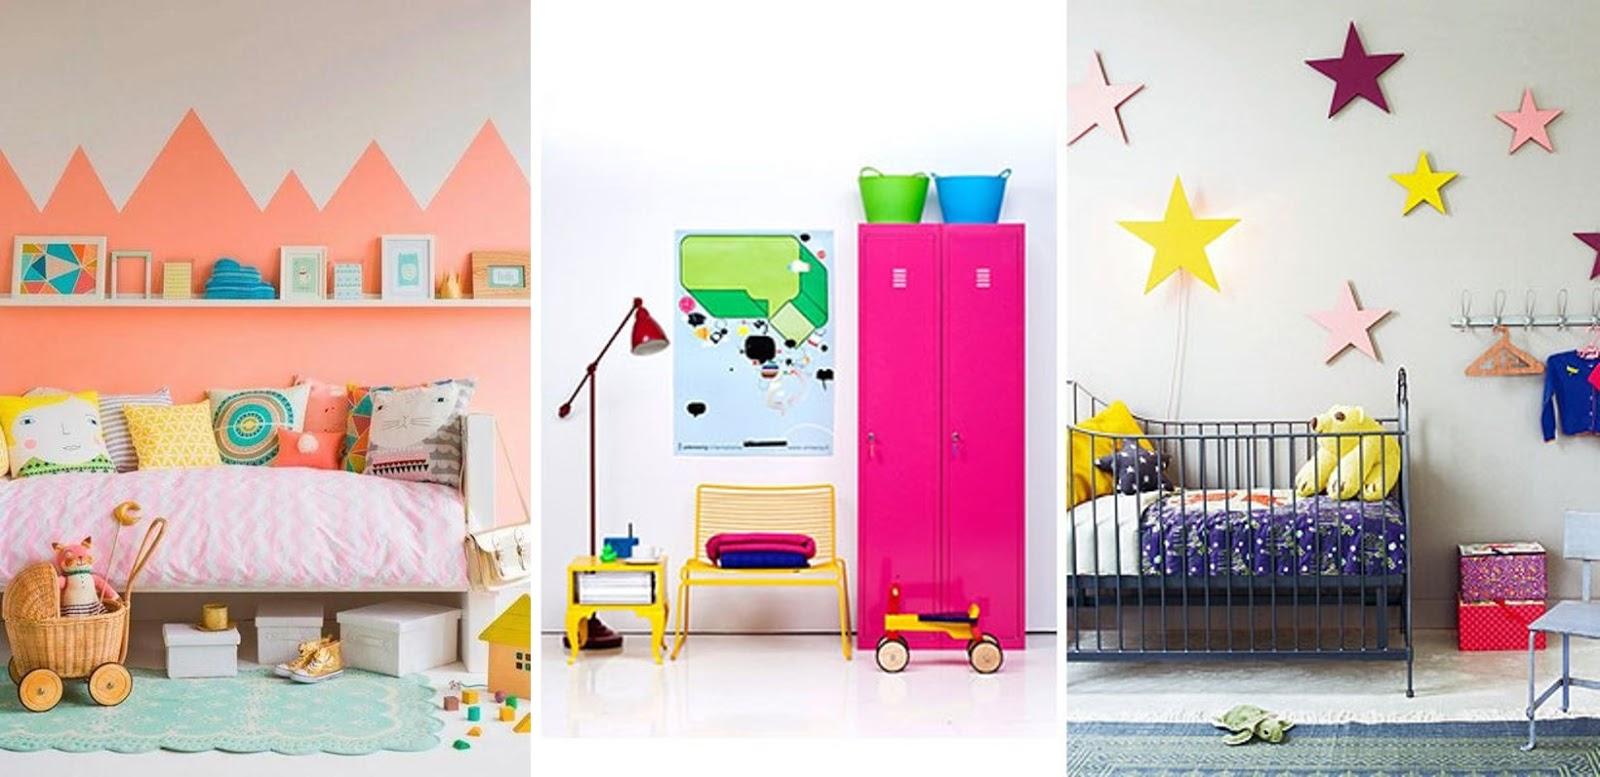 Nemulsa design combinaciones de colores para dormitorios for Colores para recamaras juveniles